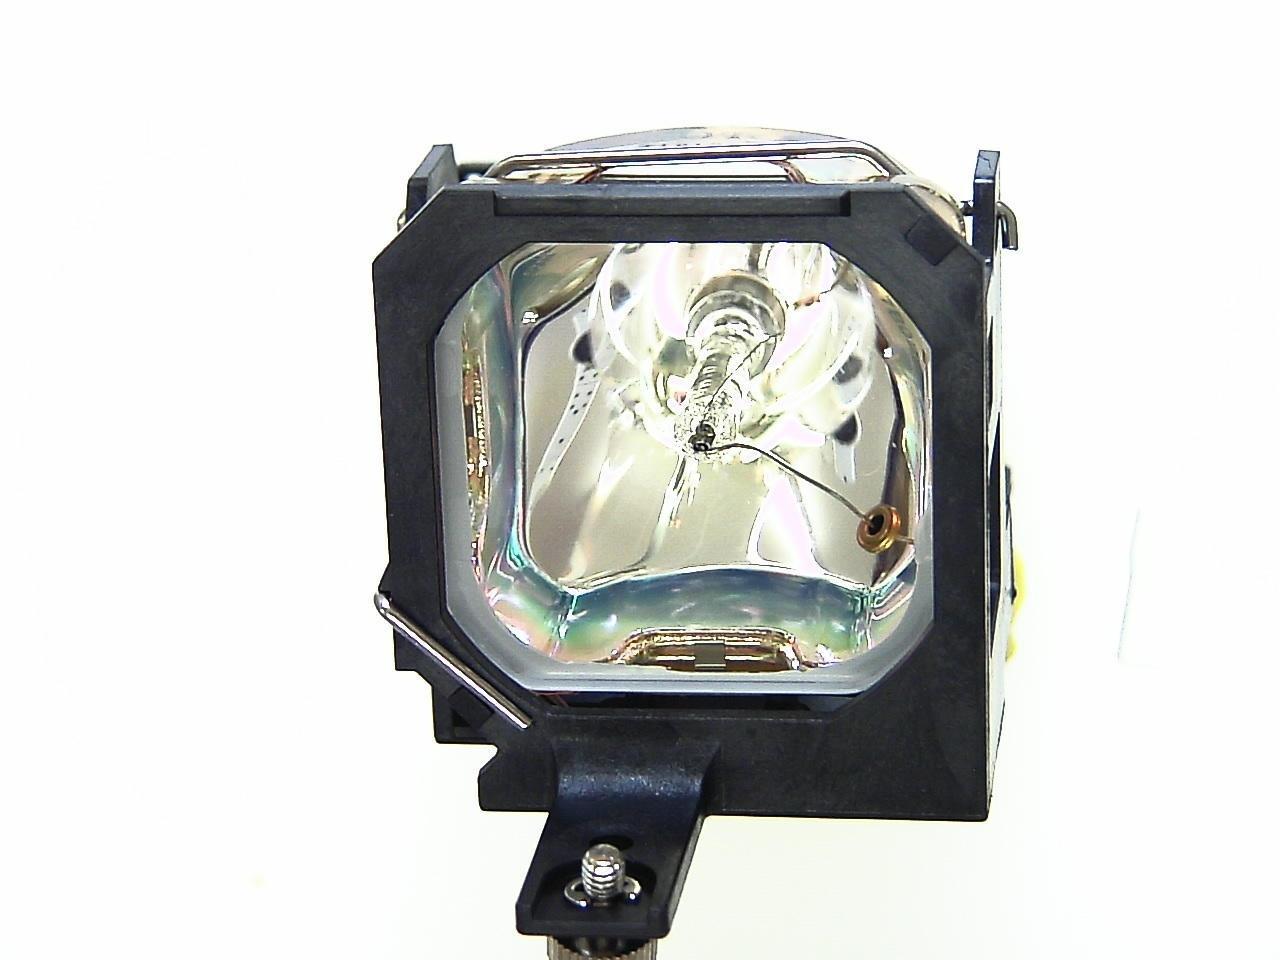 Foto Actualizado lámpara - ballasta (lastre) delta para delta av 315